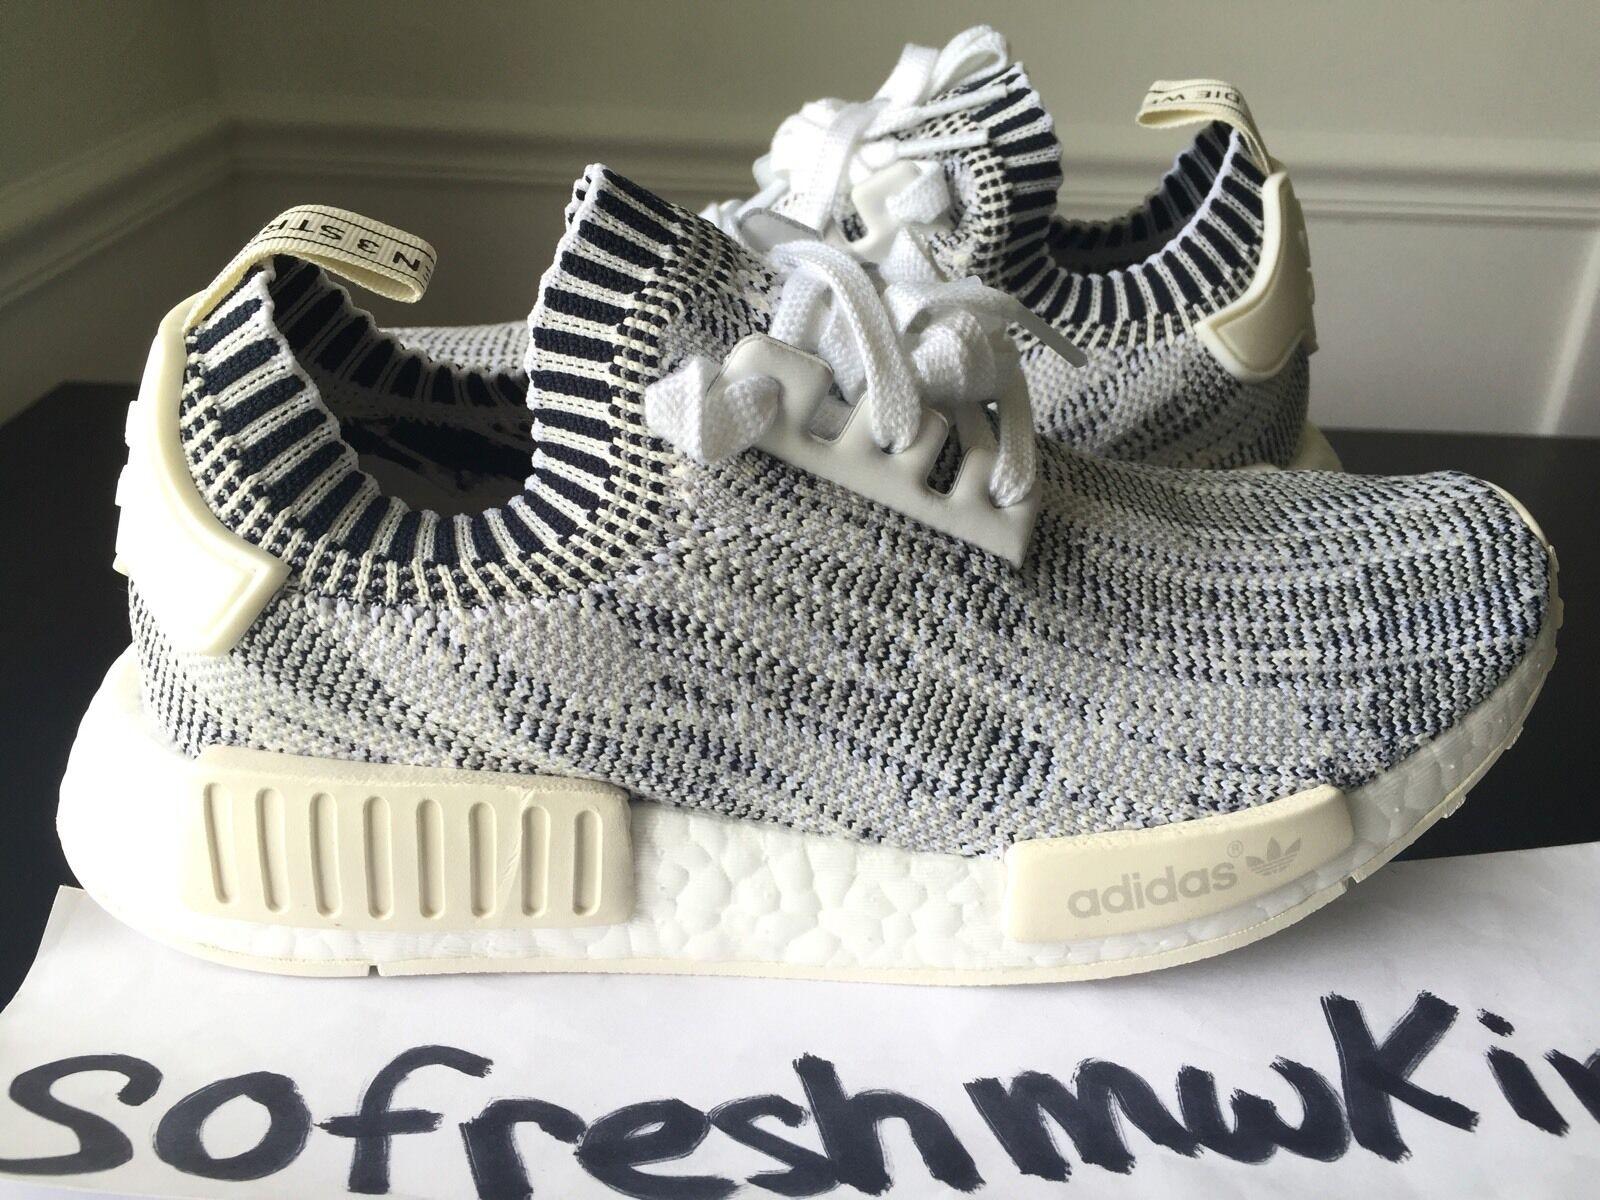 Adidas NMD R1 Pk Pk R1 Blanco Gris Camo SZ 6,5!Ba8600 glitch primeknit Boost Zebra ab3362